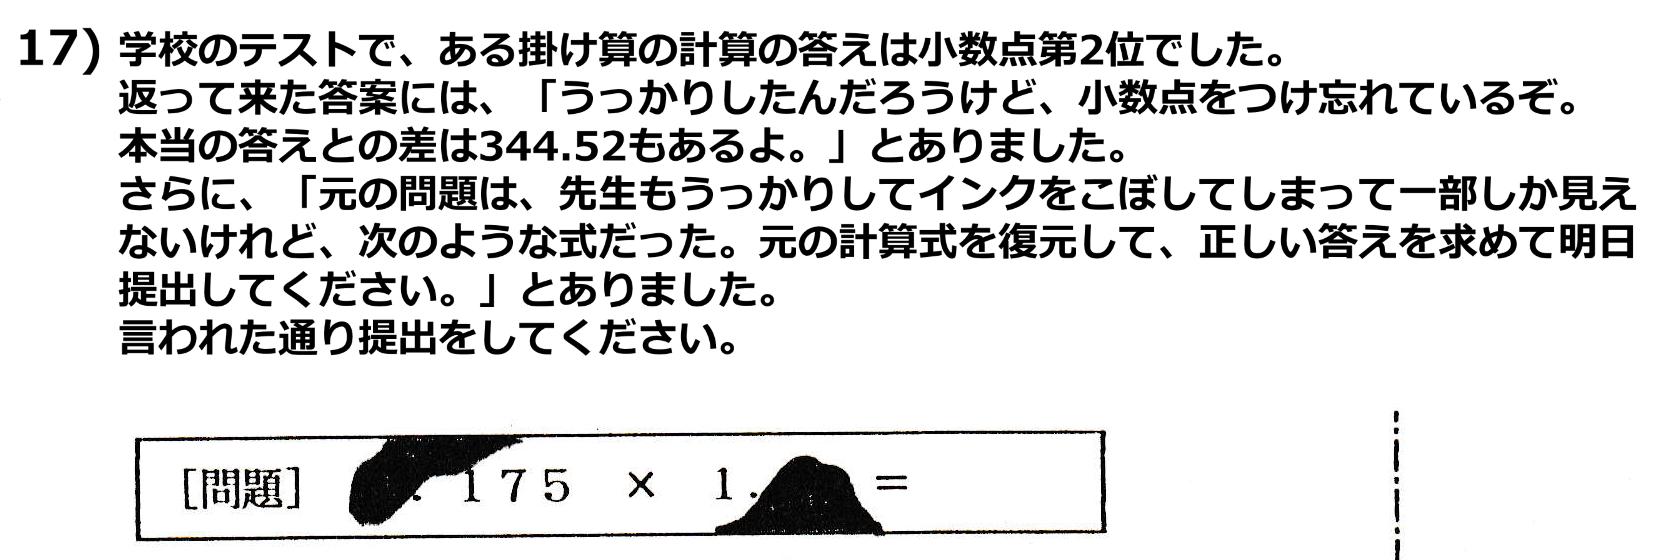 日本語を数学語に翻訳する